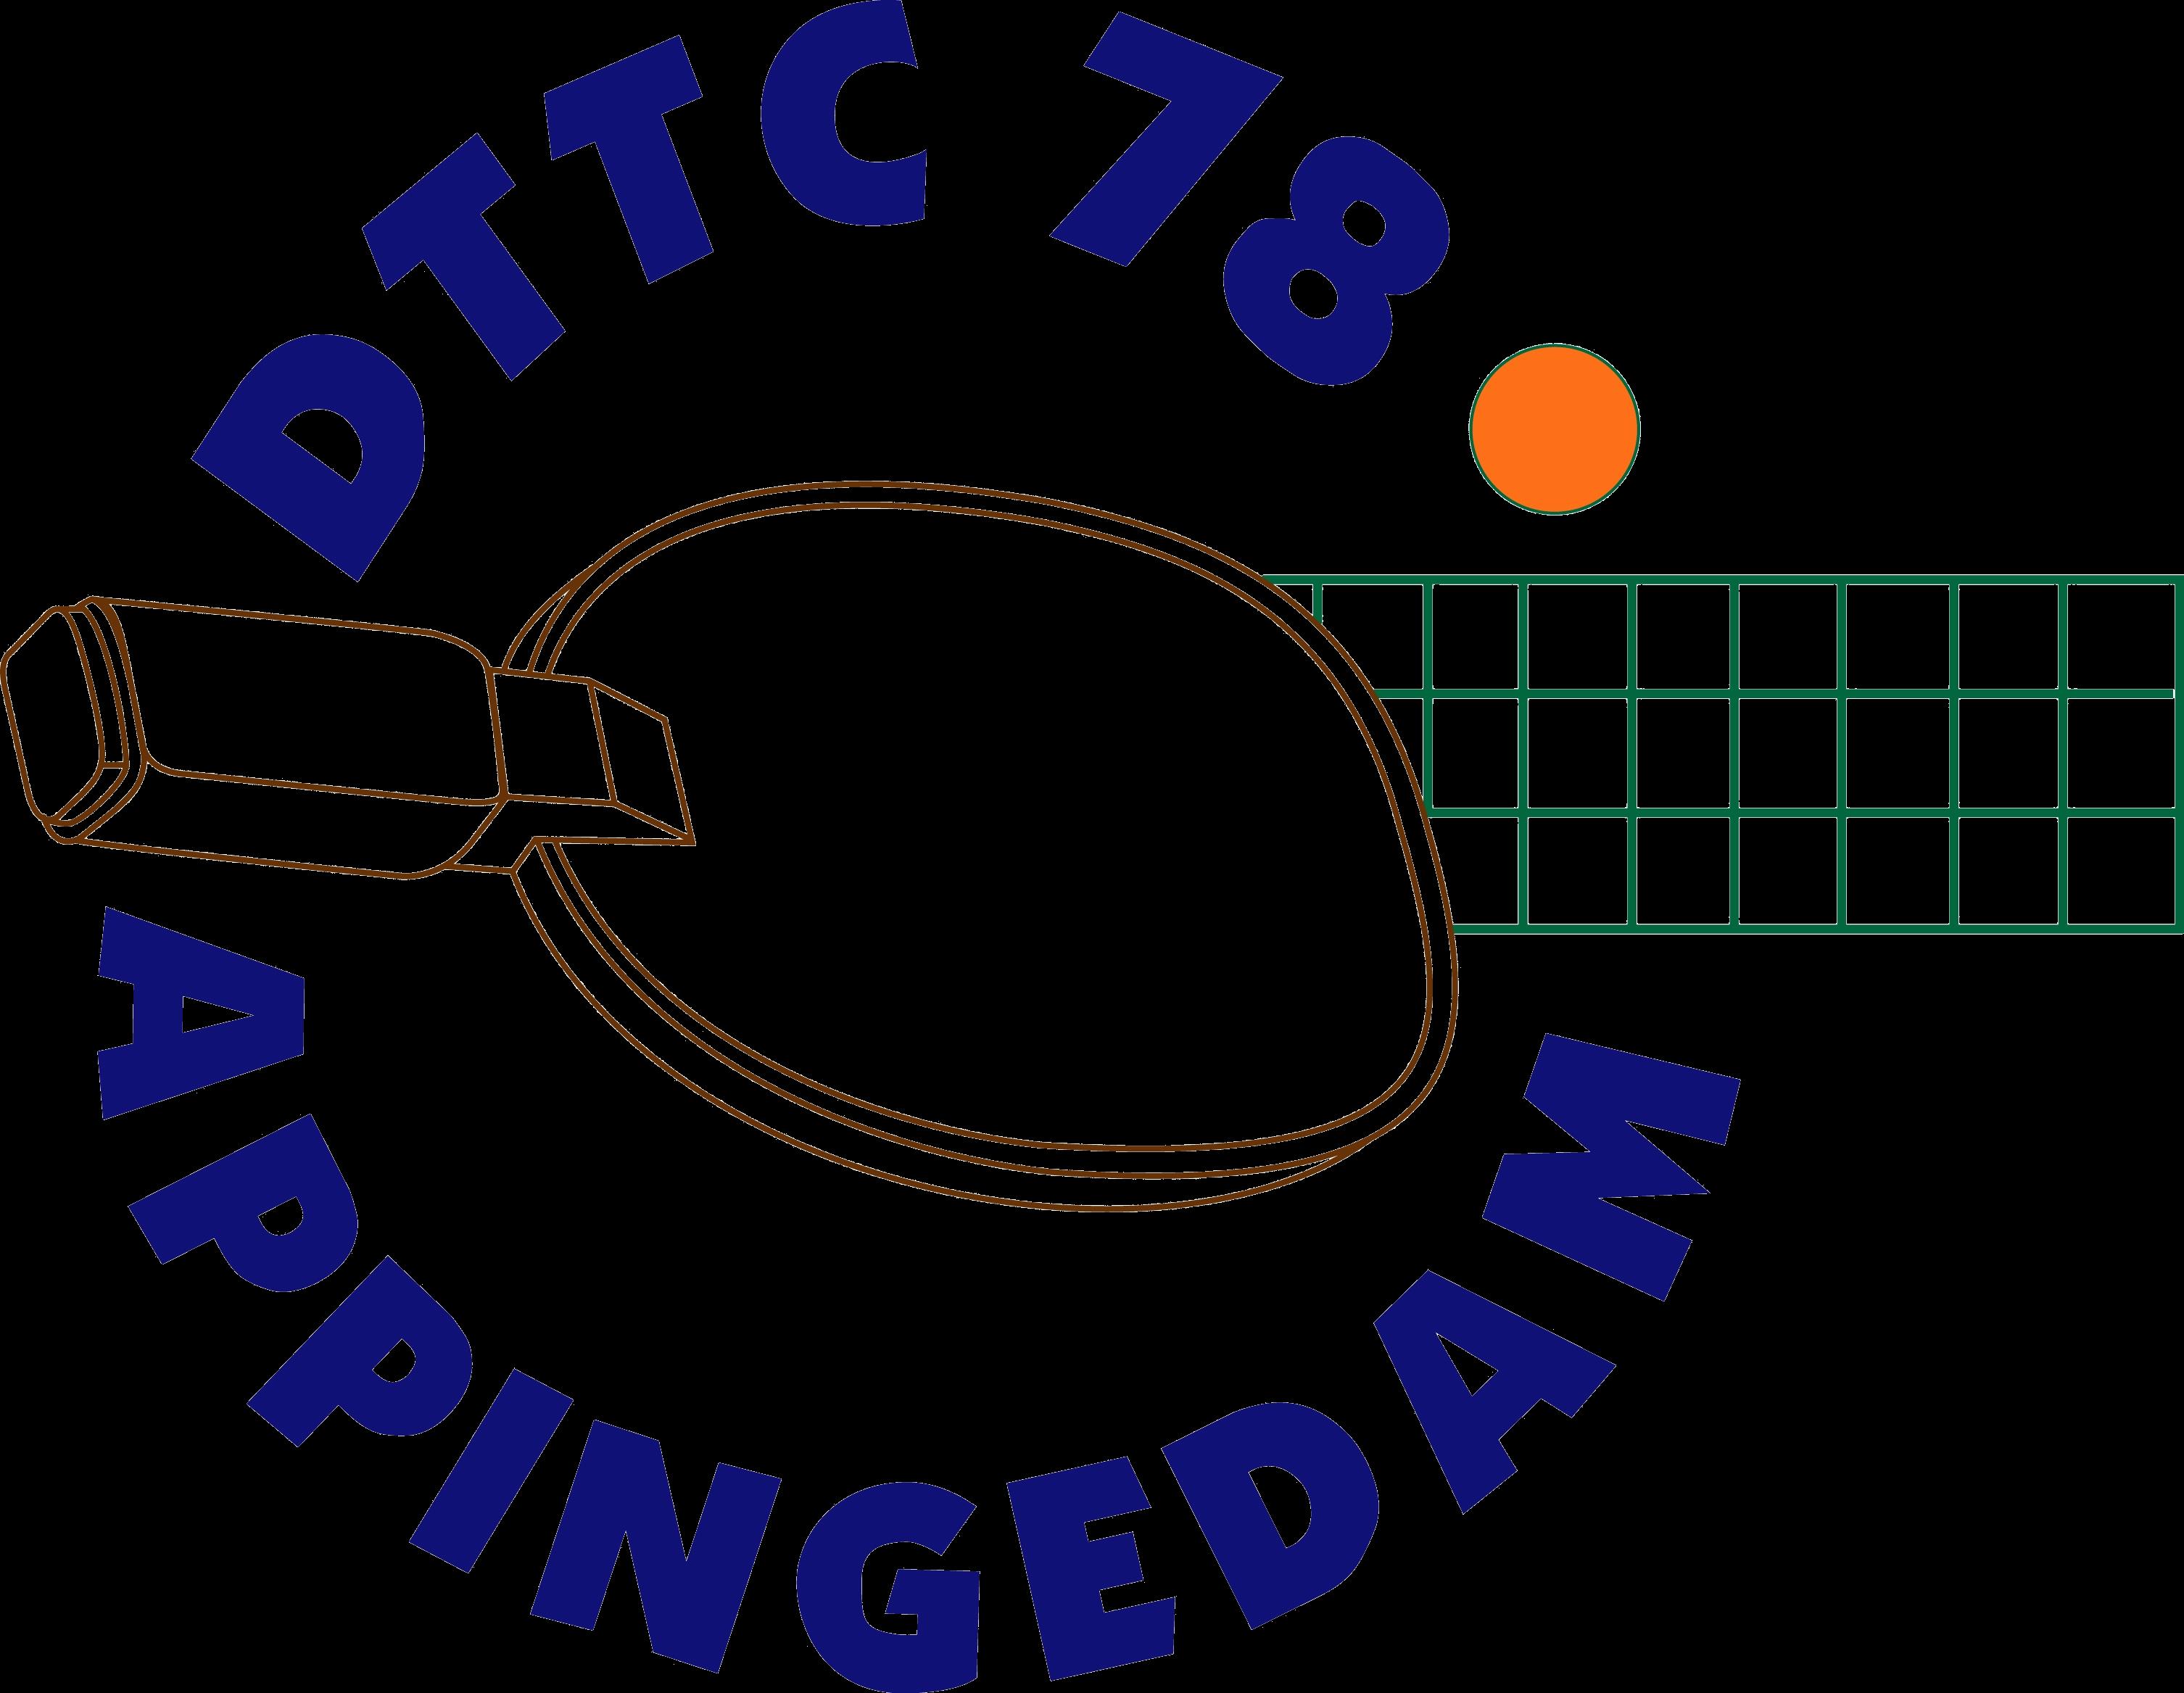 DTTC'78